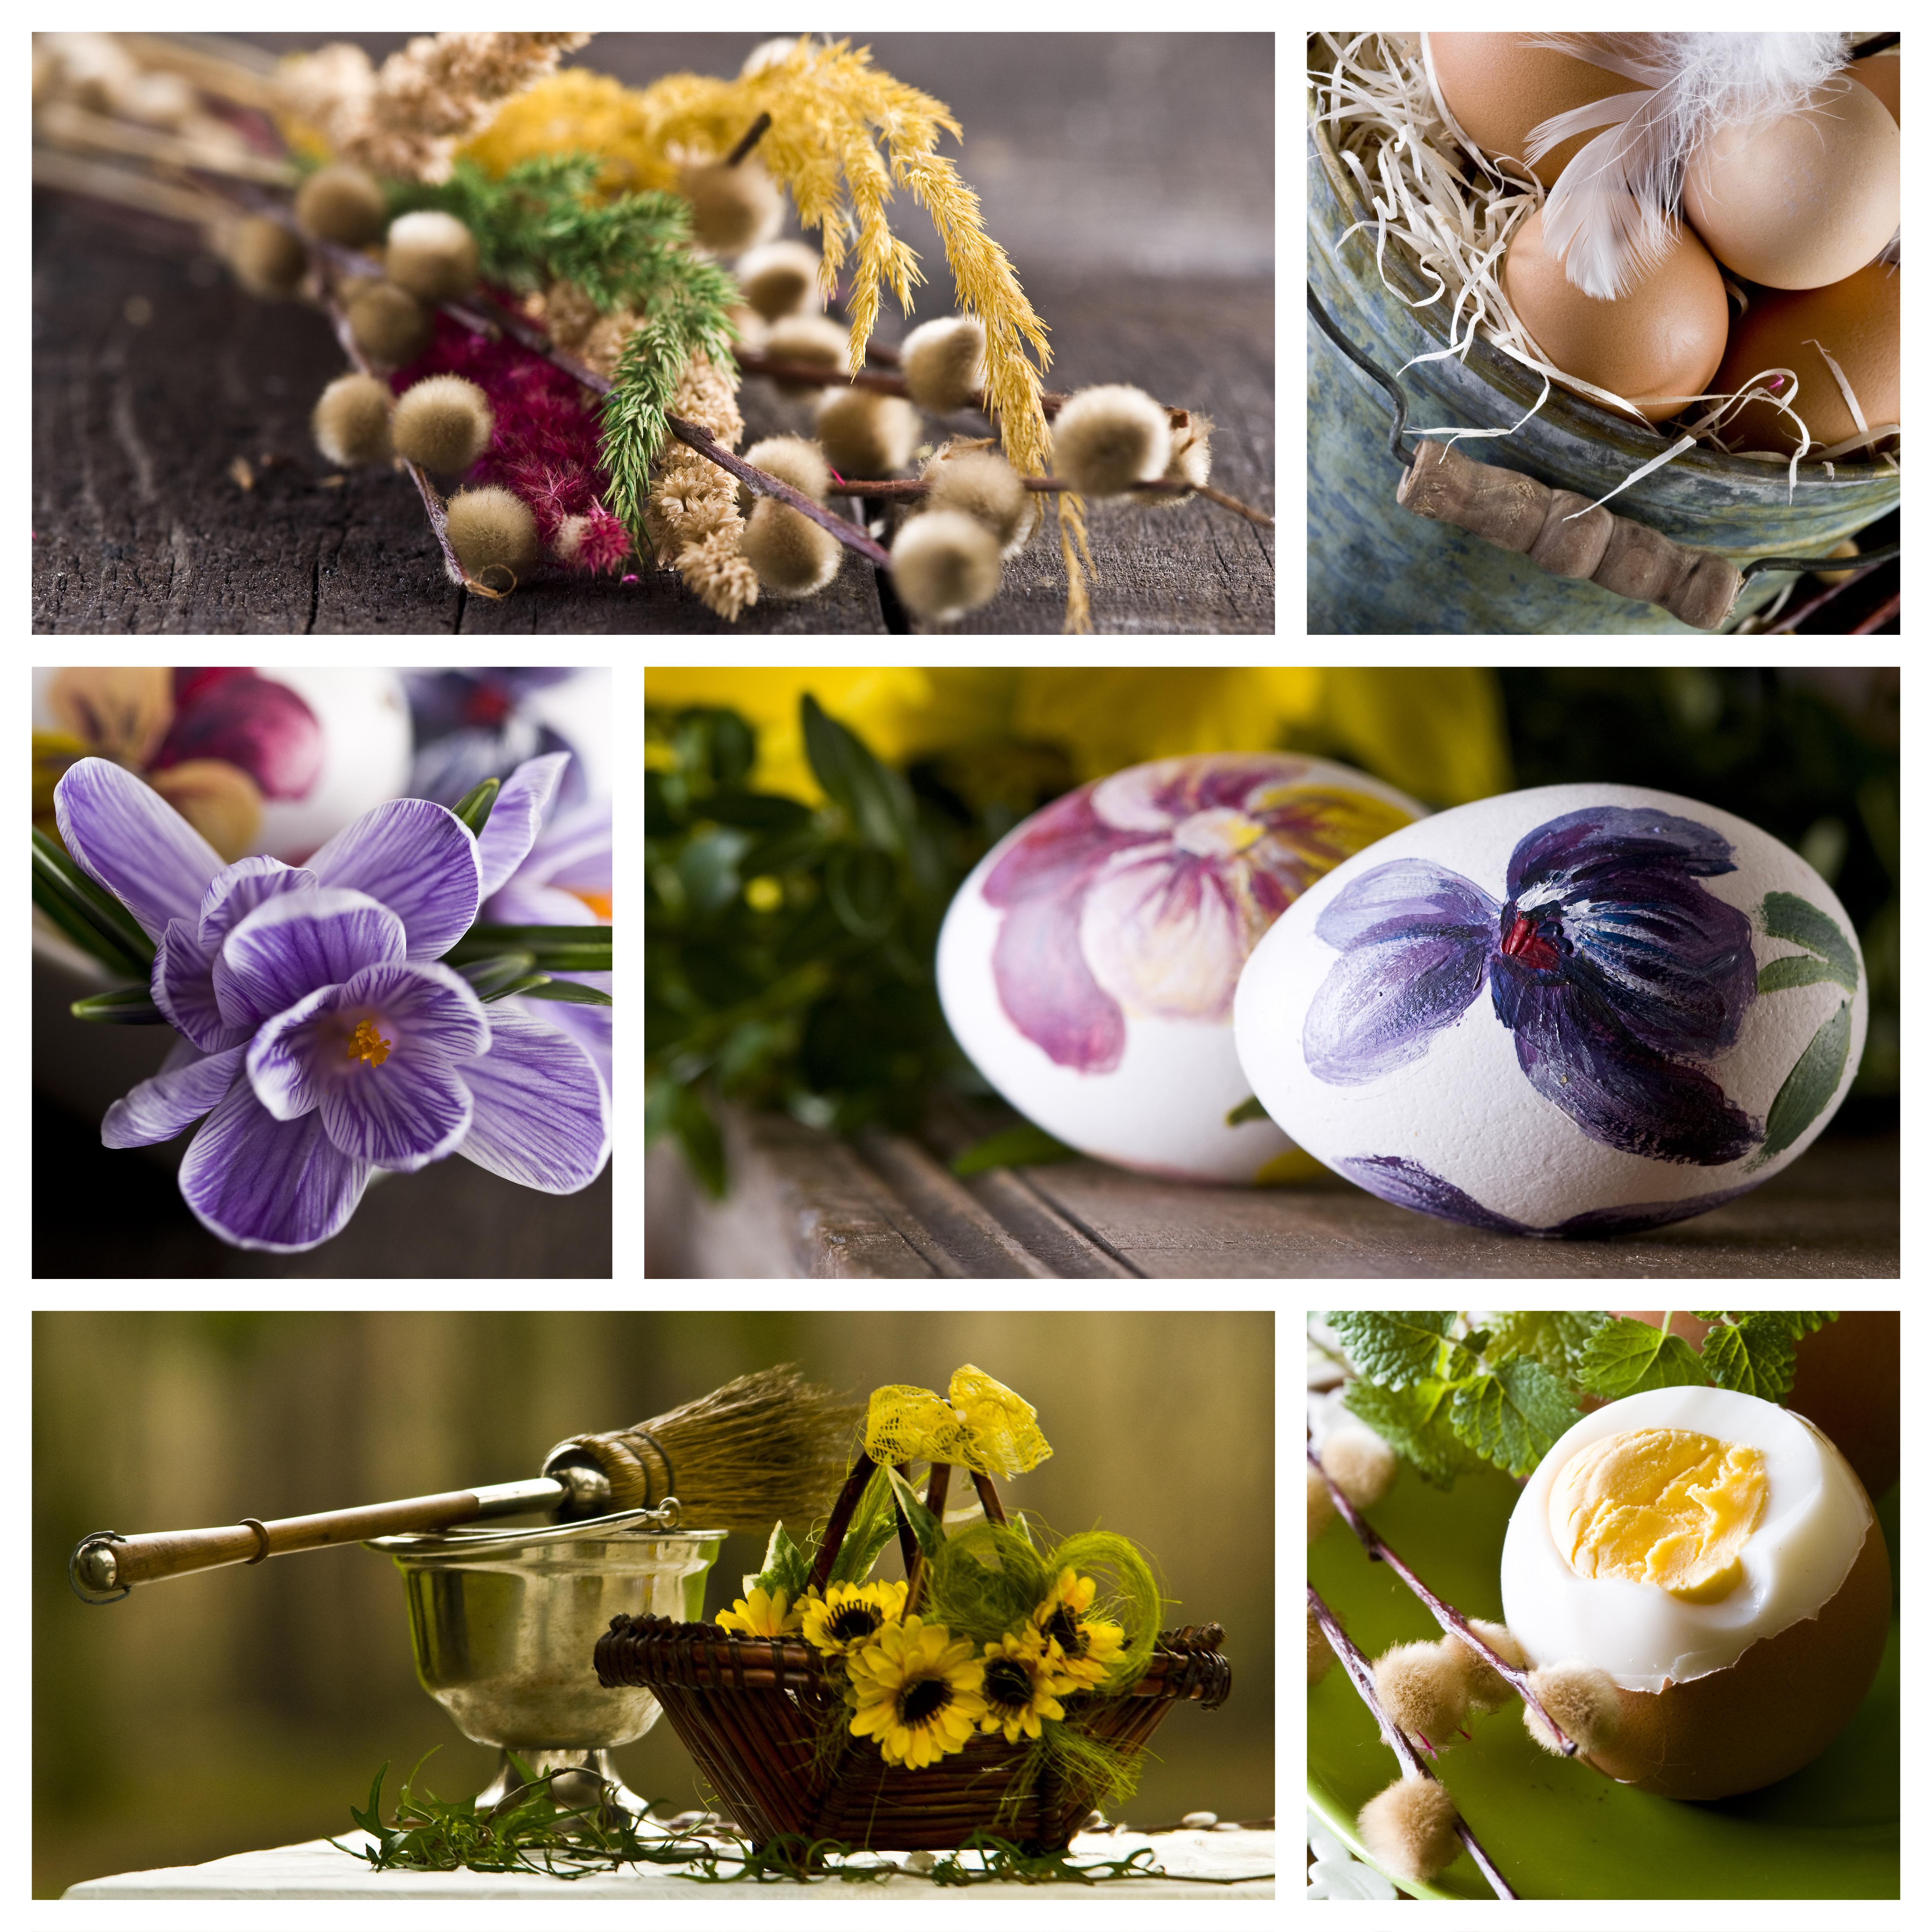 пасха, пасхальные яйца, верба